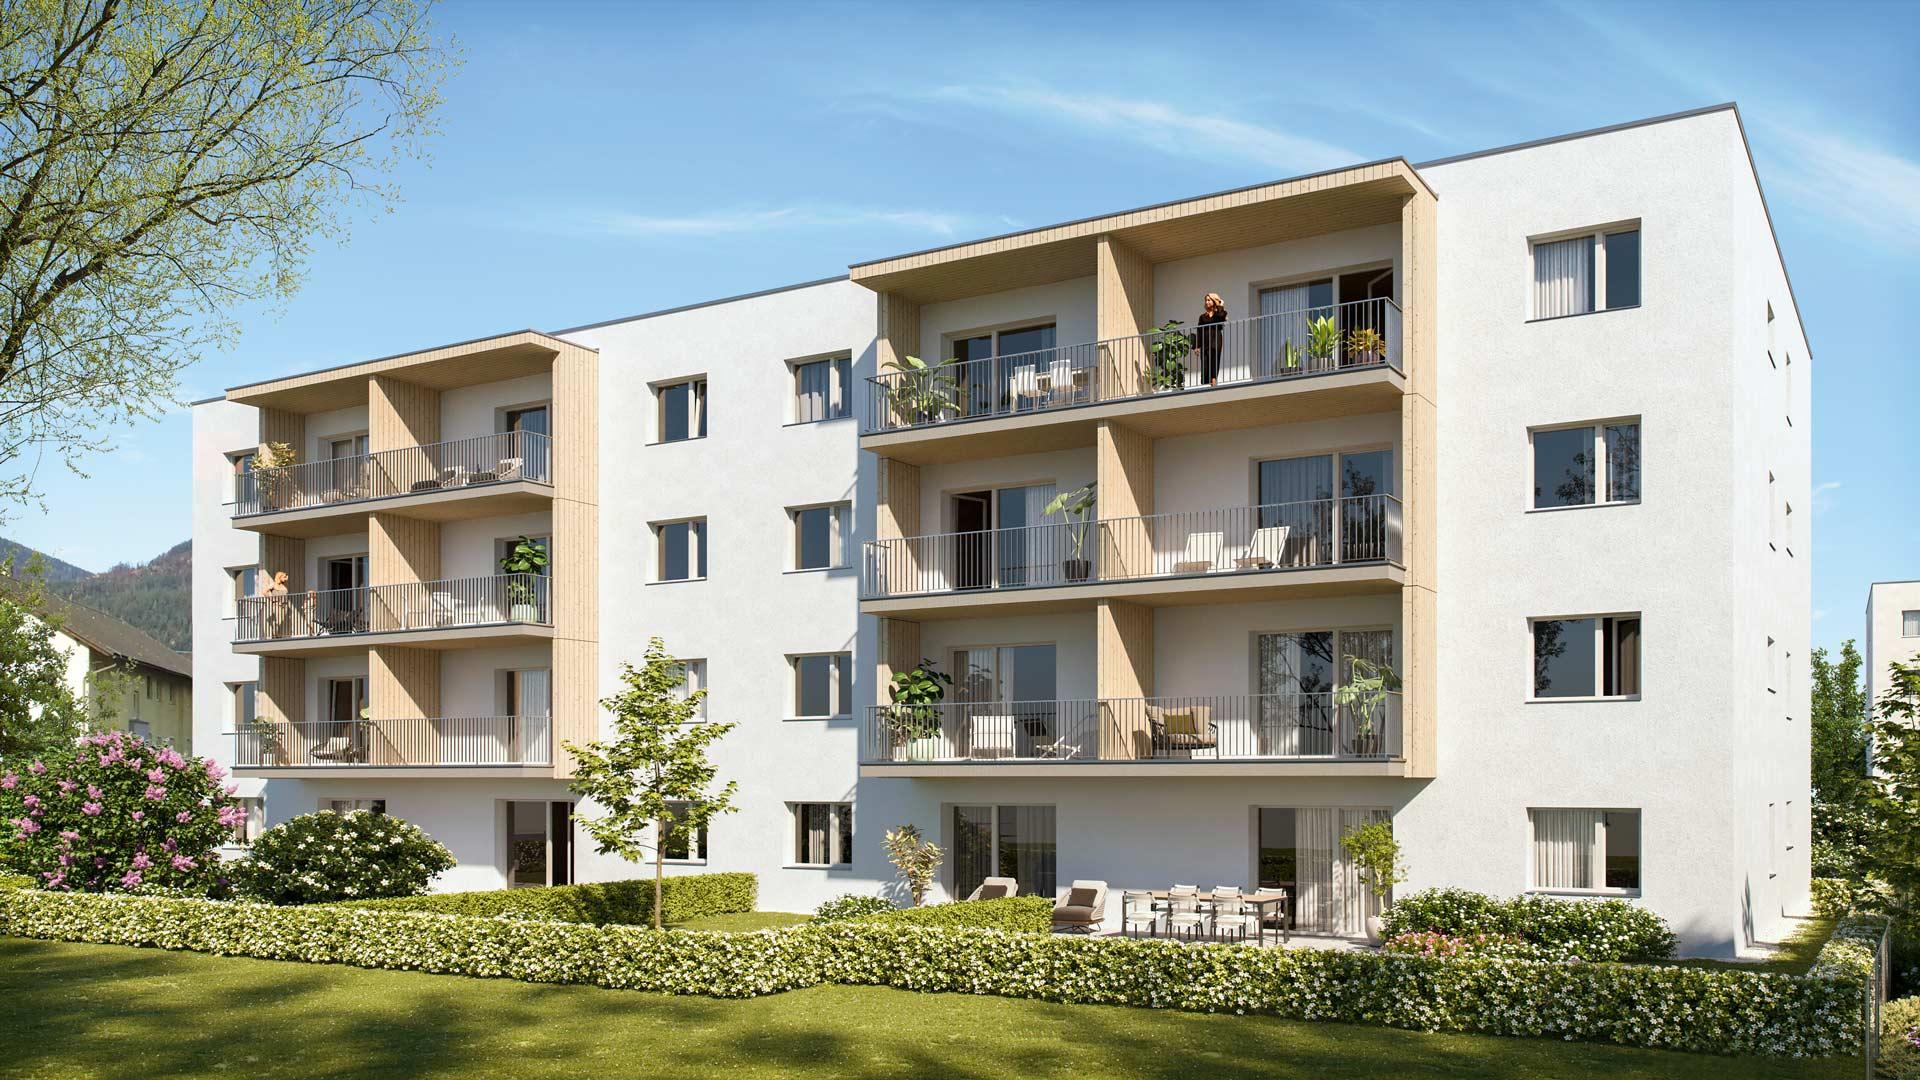 all-in99 Projekt Villach Bauteil B Wohngebaeude in Tagesansicht